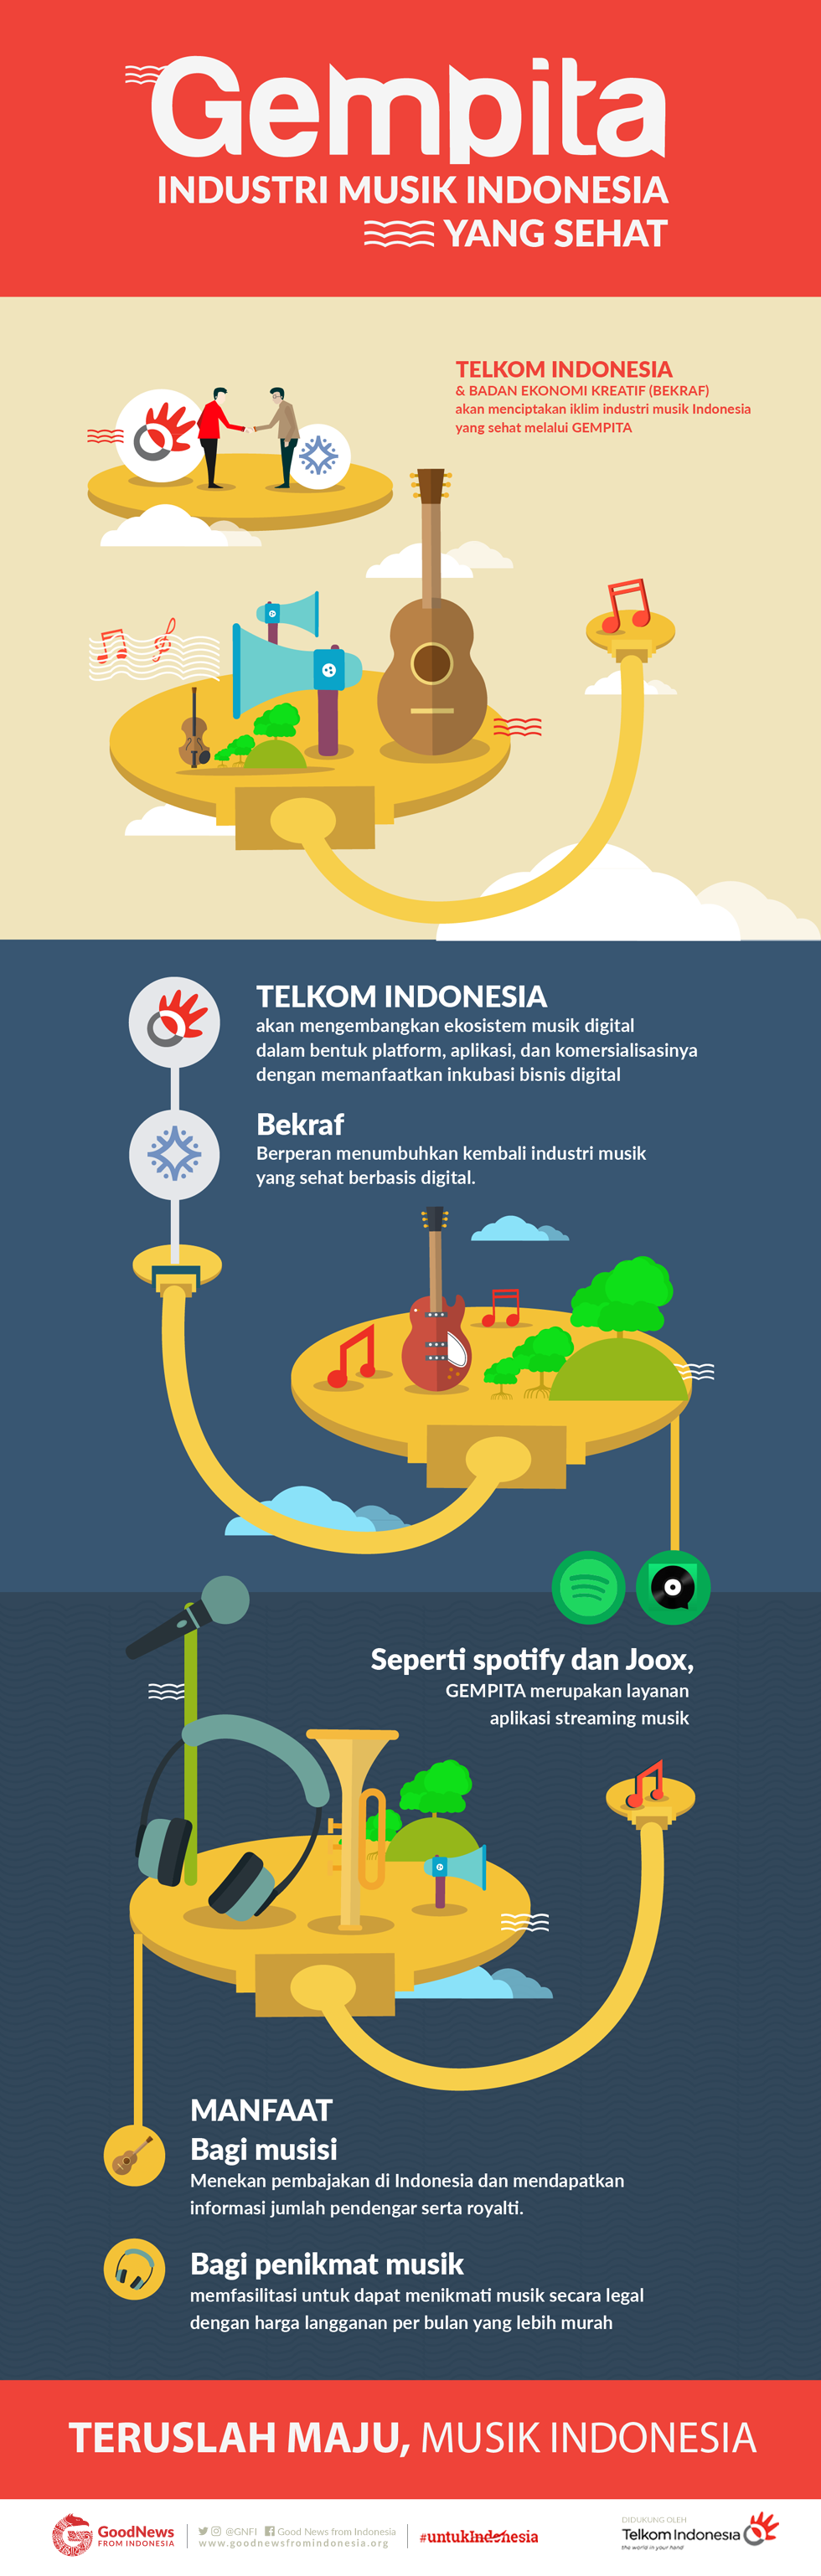 Gempita Industri Musik Indonesia yang Sehat